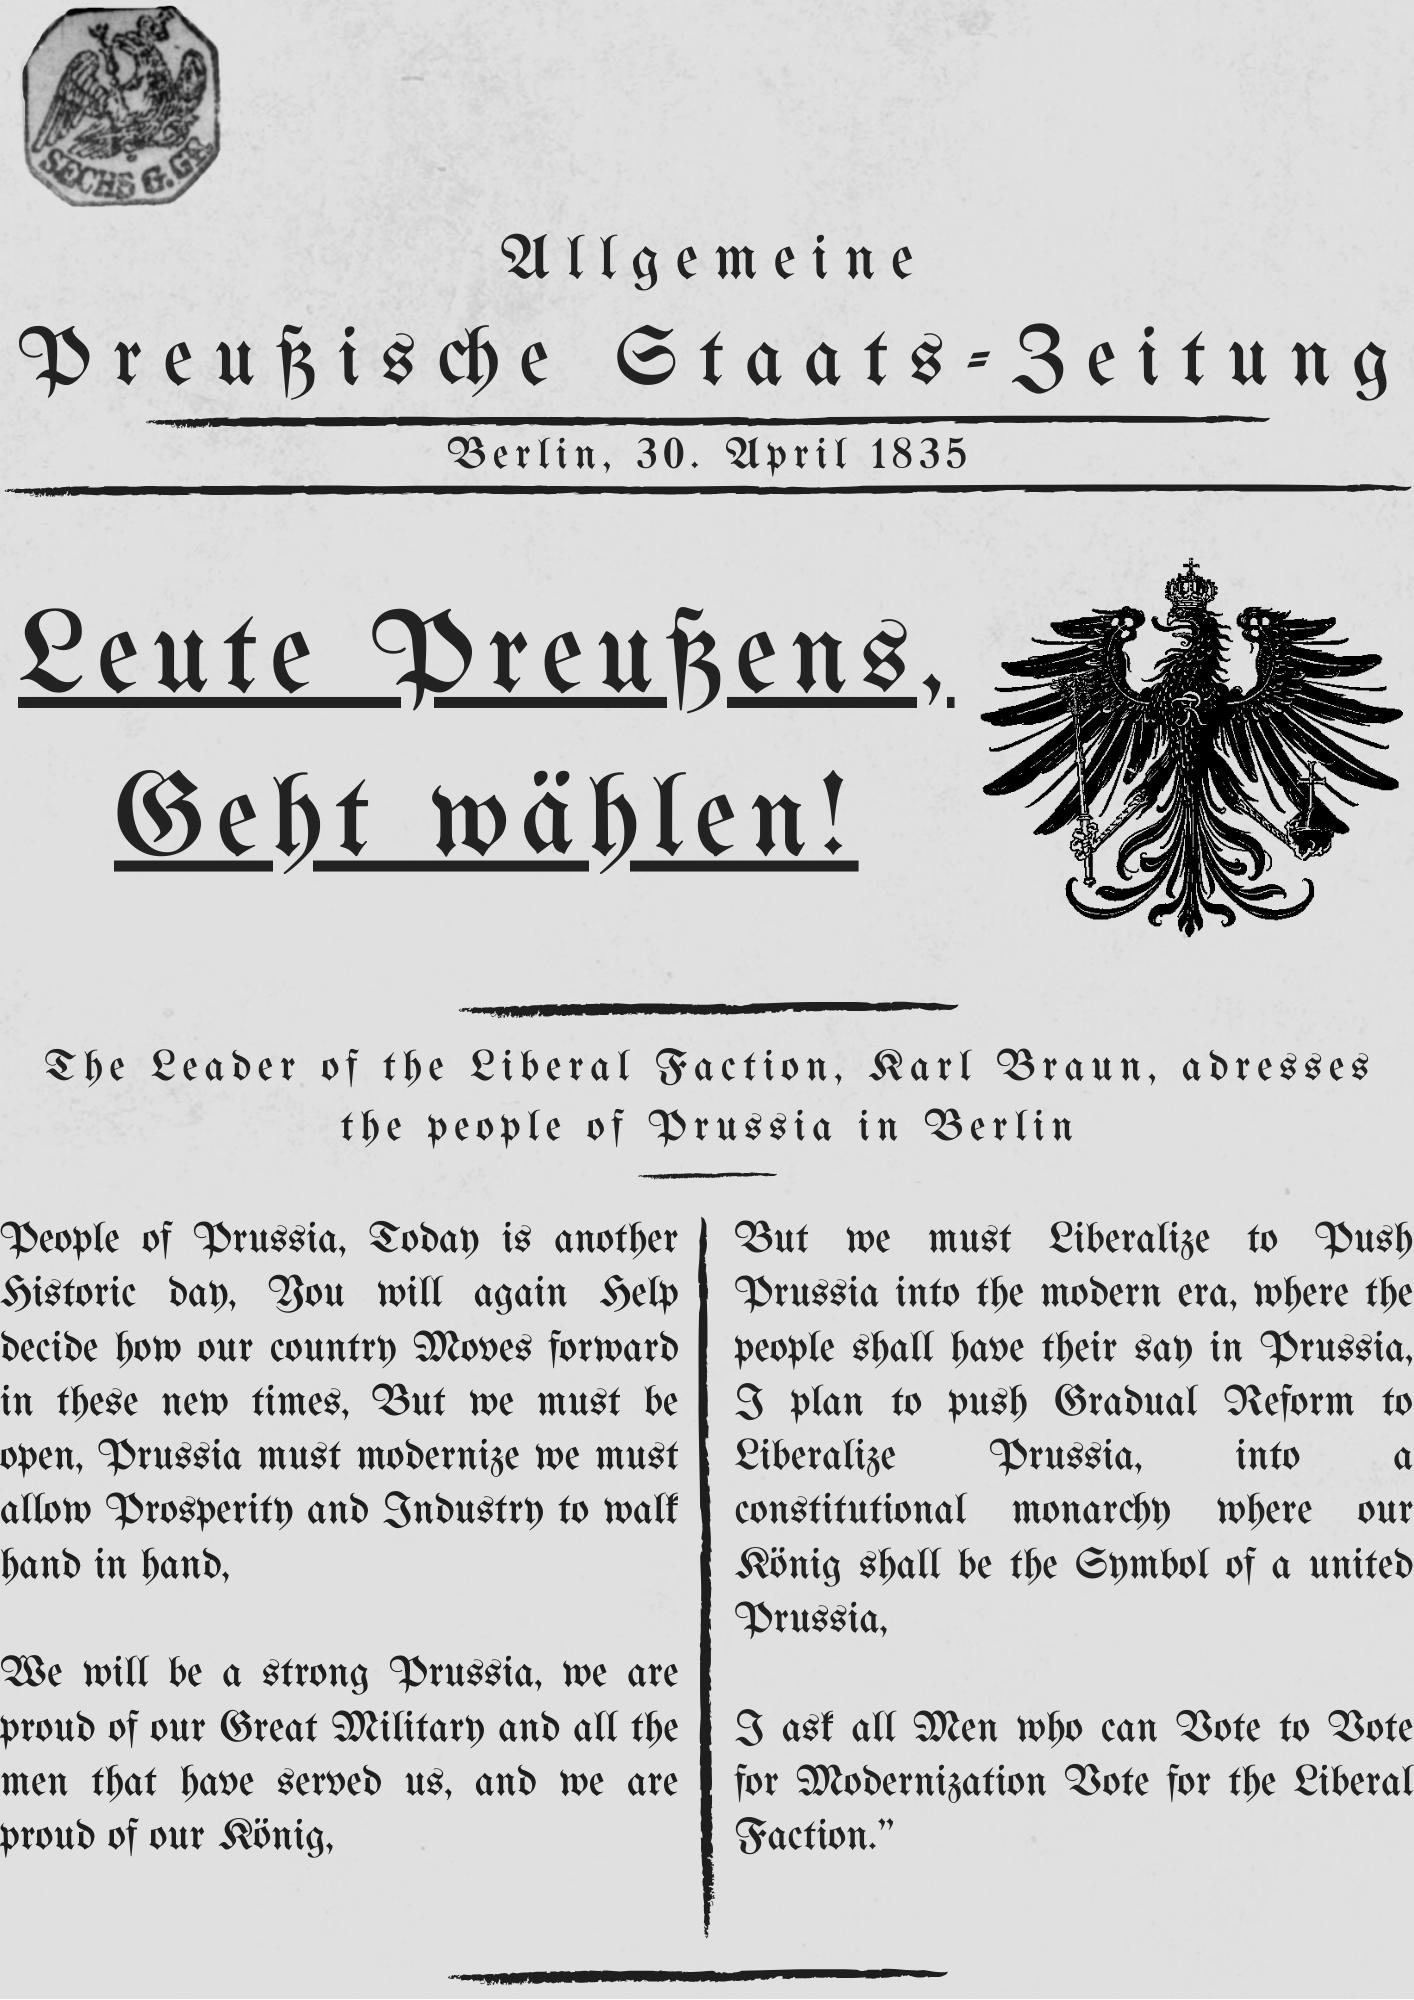 Allgemeine_Preuische_Staats-Zeitung_2_1.png